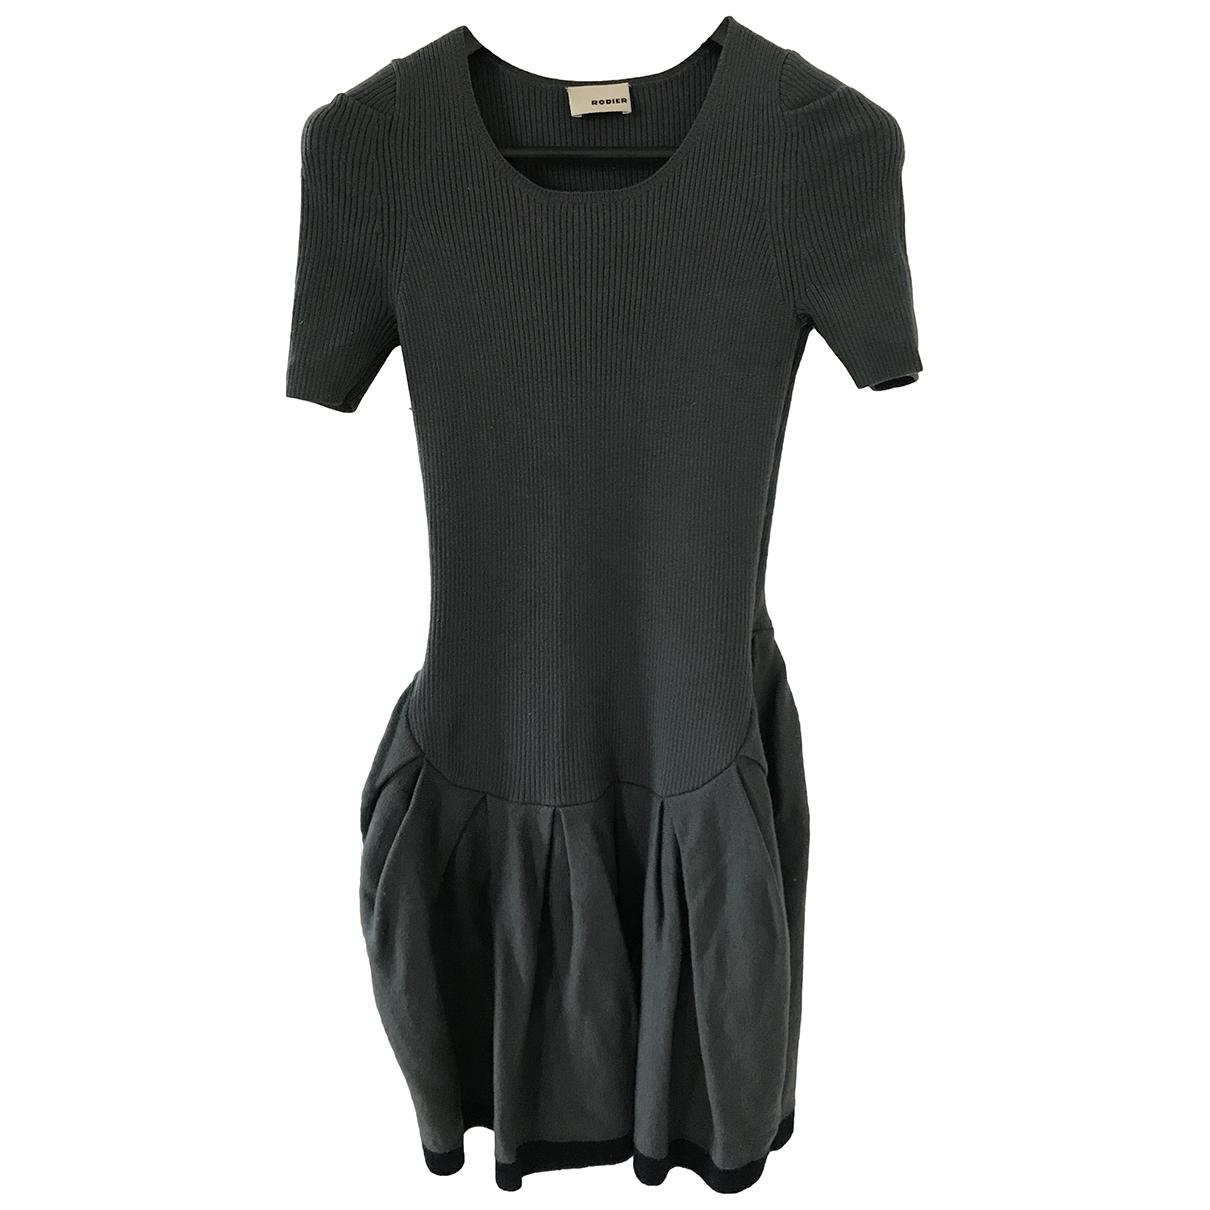 Rodier \N Kleid in  Grau Wolle